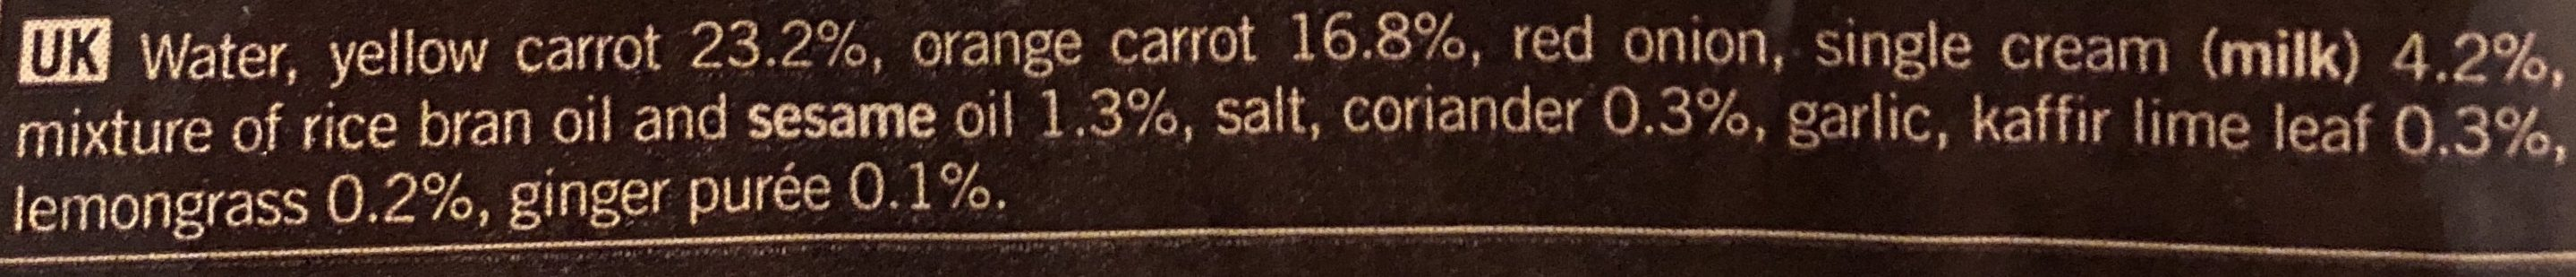 Velouté Carottes à la Thaïlandaise - Ingredients - en